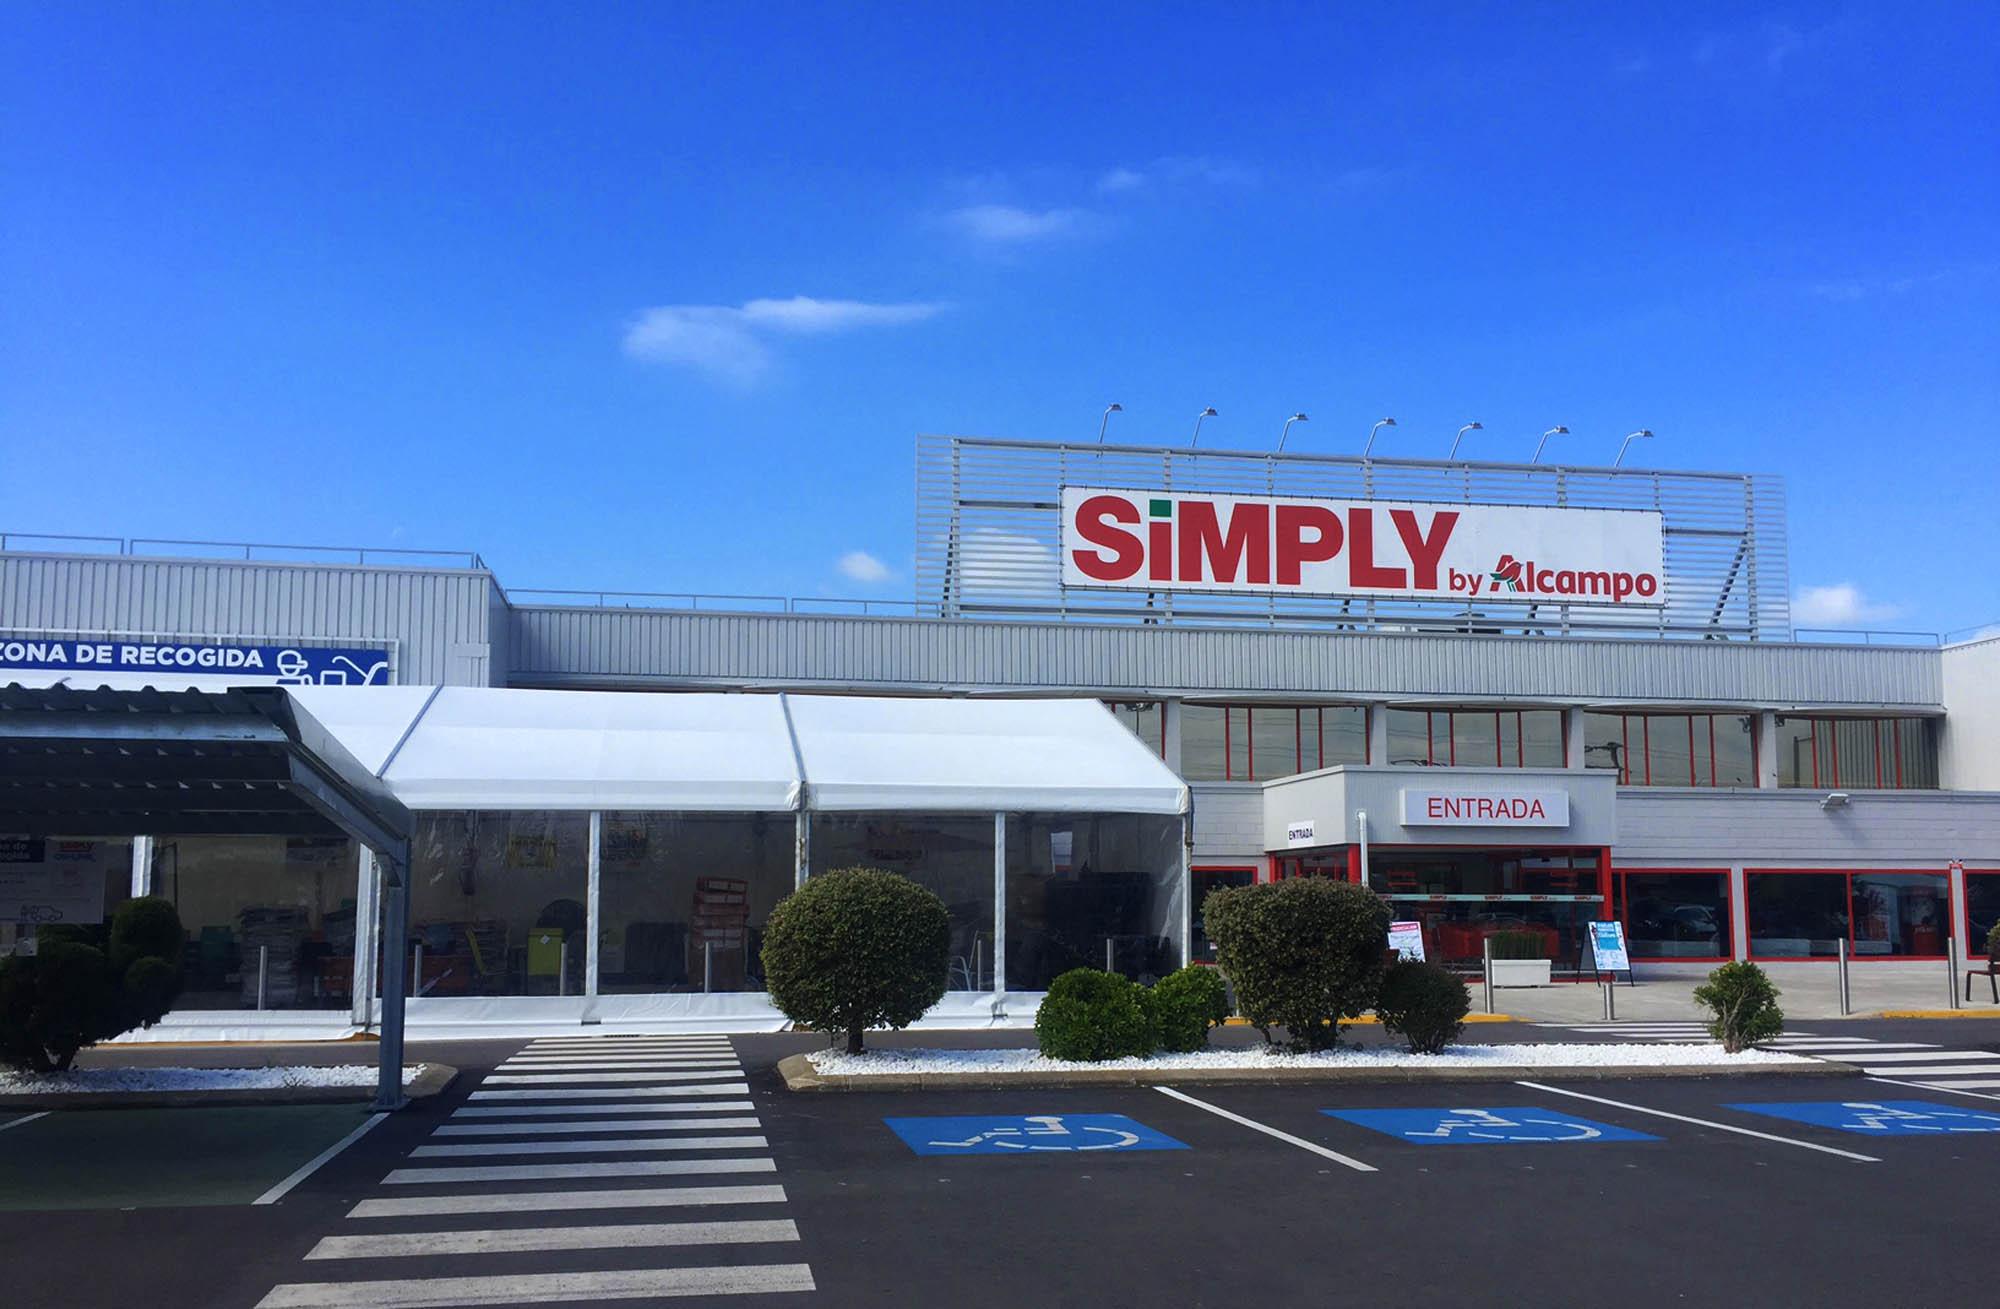 Carpa para venta de juguetes Simply